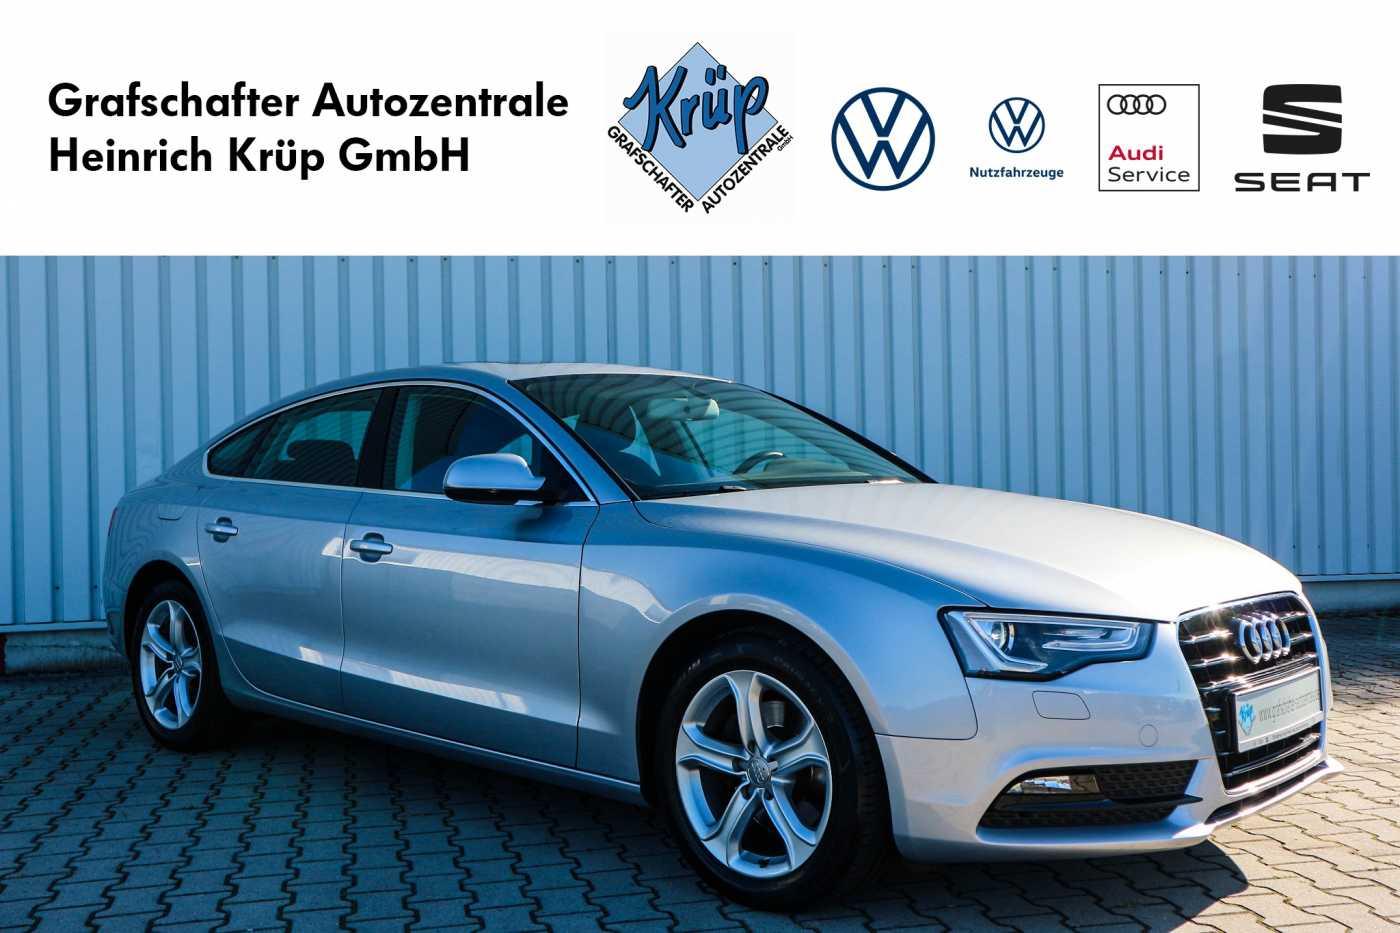 Audi A5 2.0 TDI Sportback DPF multitronic *Standheizung*Schiebedach*, Jahr 2016, Diesel